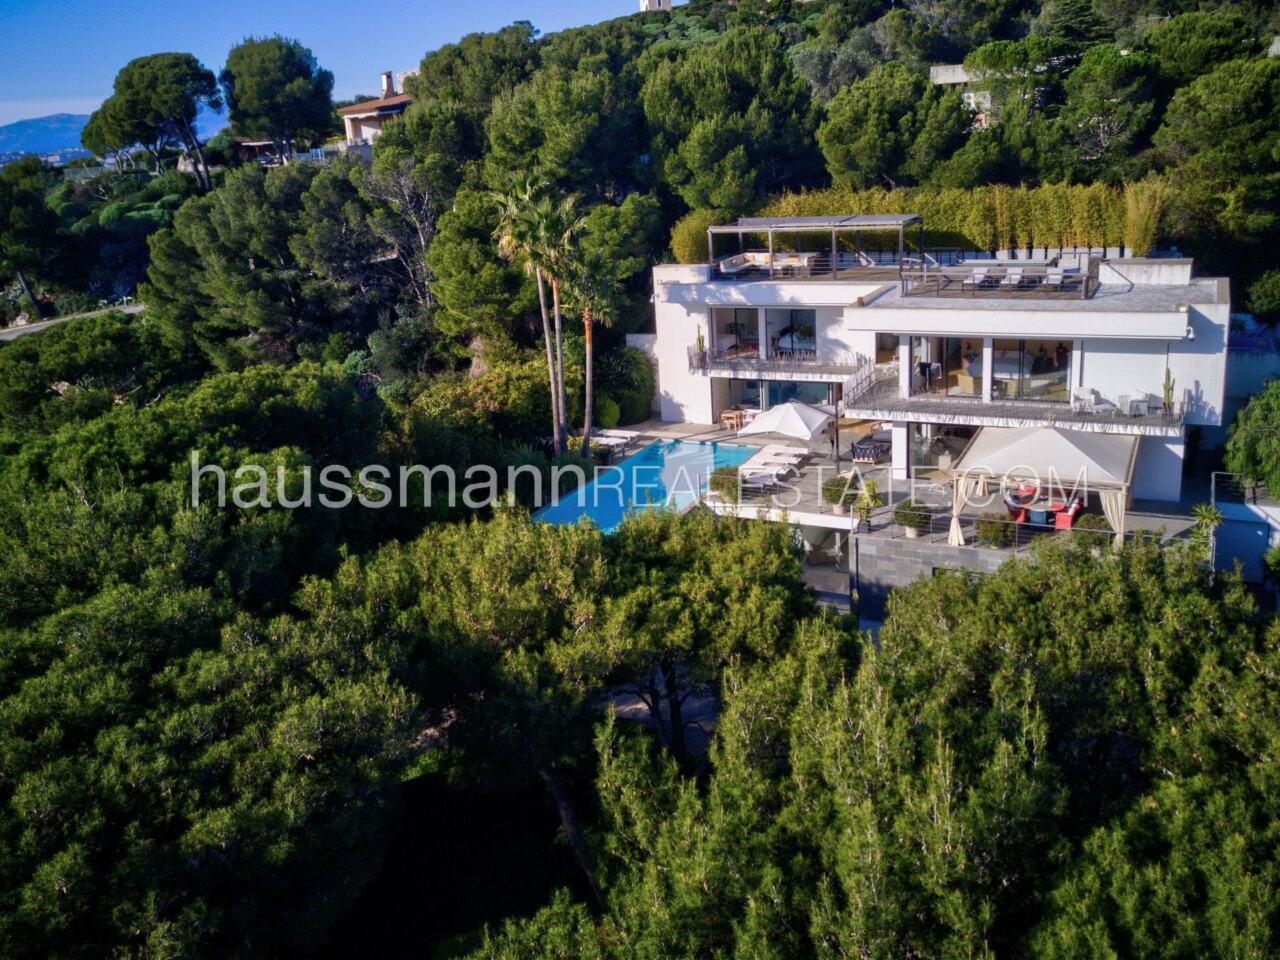 villa Design moderne sous les pins parasols image 14